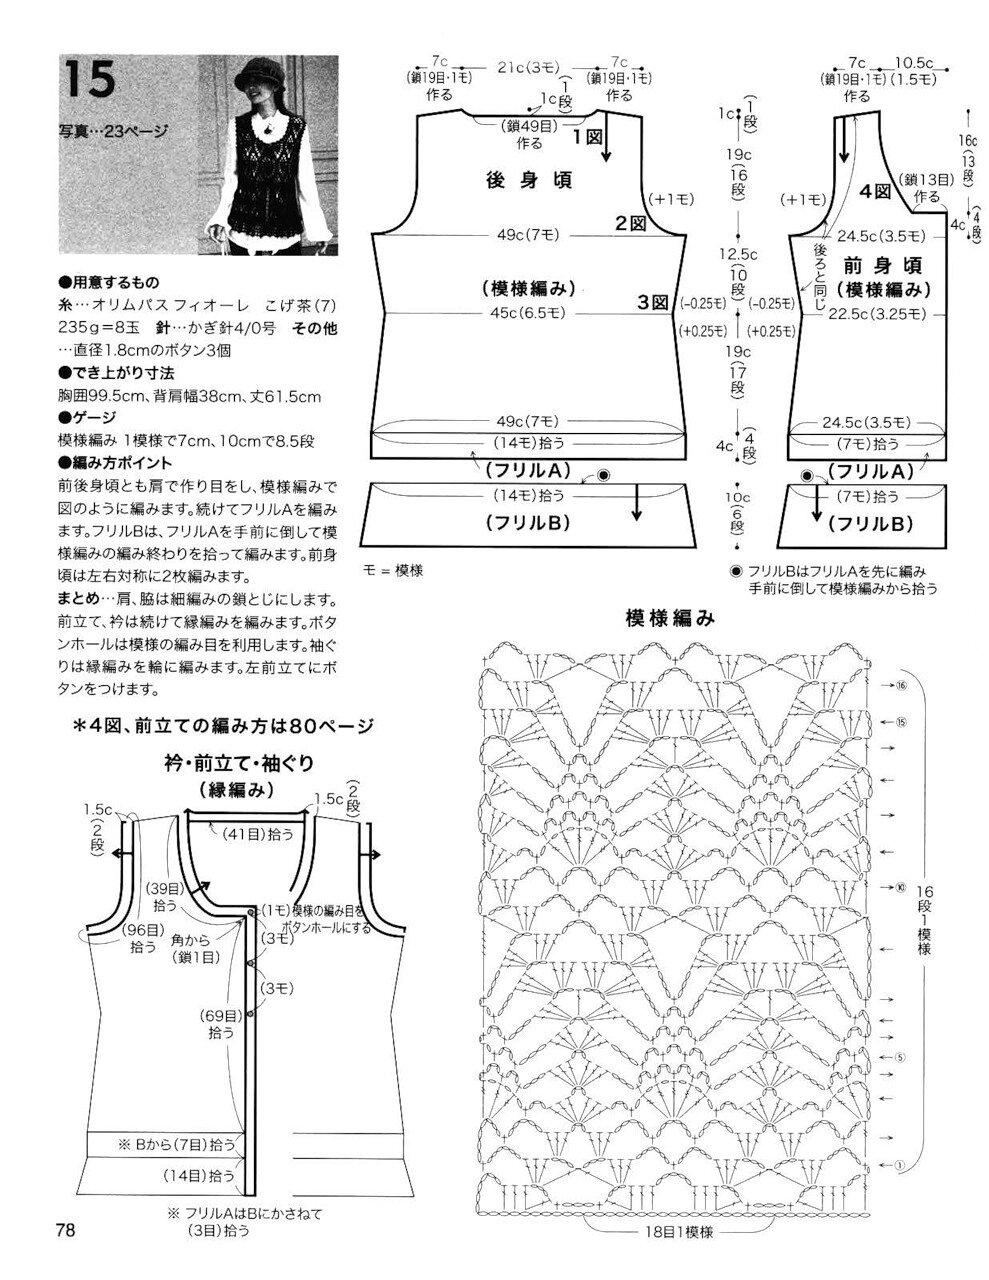 вязание крючком схемы туники